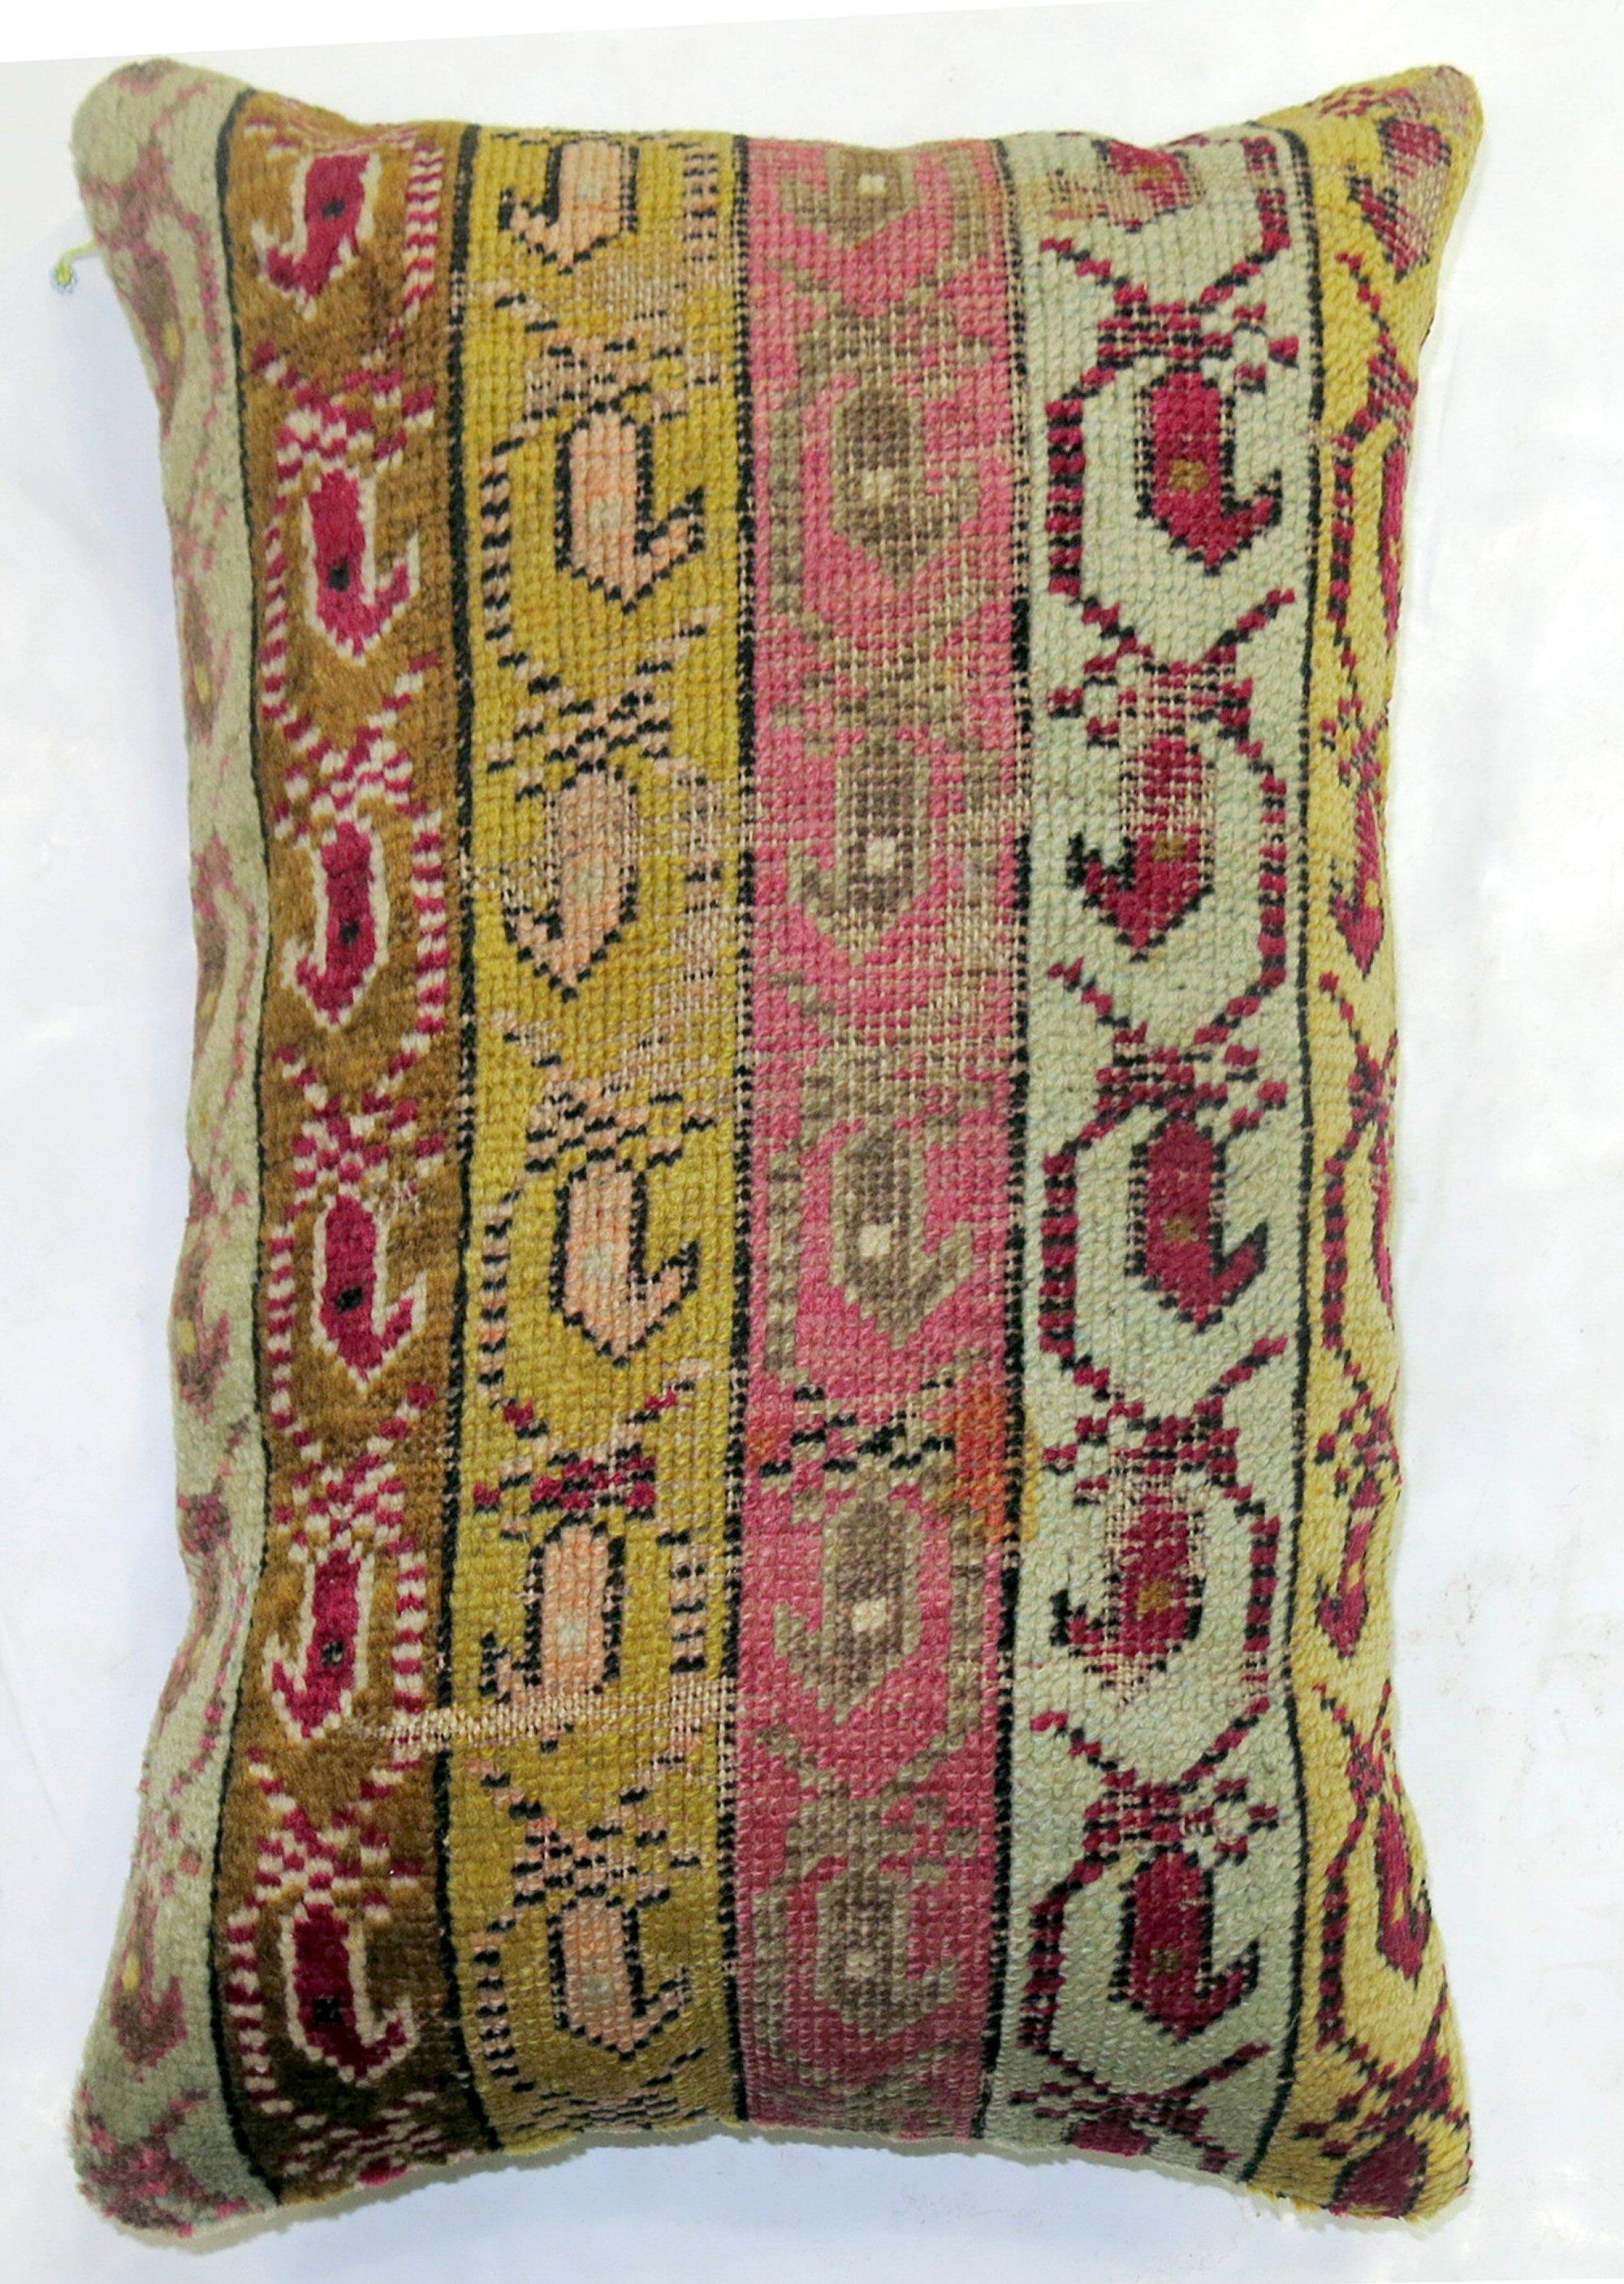 Traditional Rug Pillow No 2756 Rug Pillow Covers Ottoman Design Rug Pillow 12x20 Lumbar Pillow Colorful Rug Pillow Turkish Rug Pillow